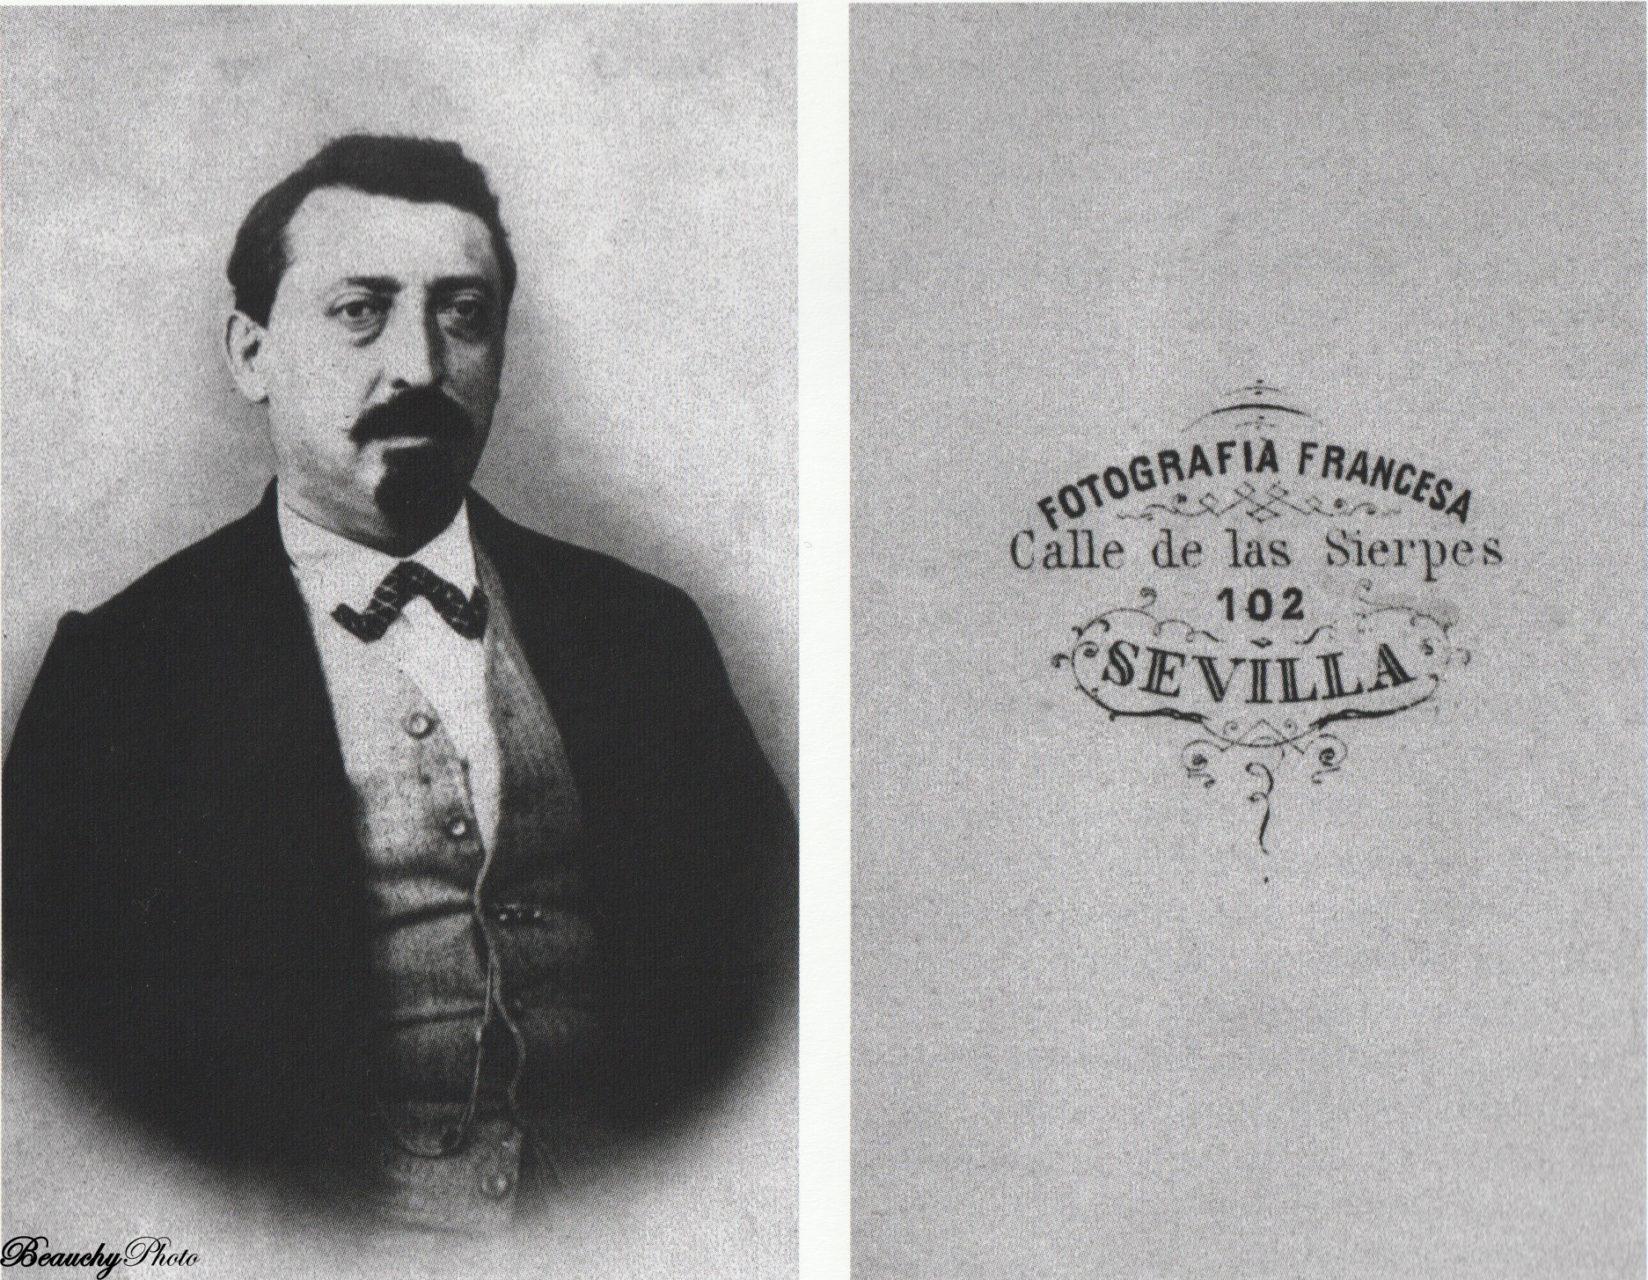 Retratos de señores desconocidos (JBP)